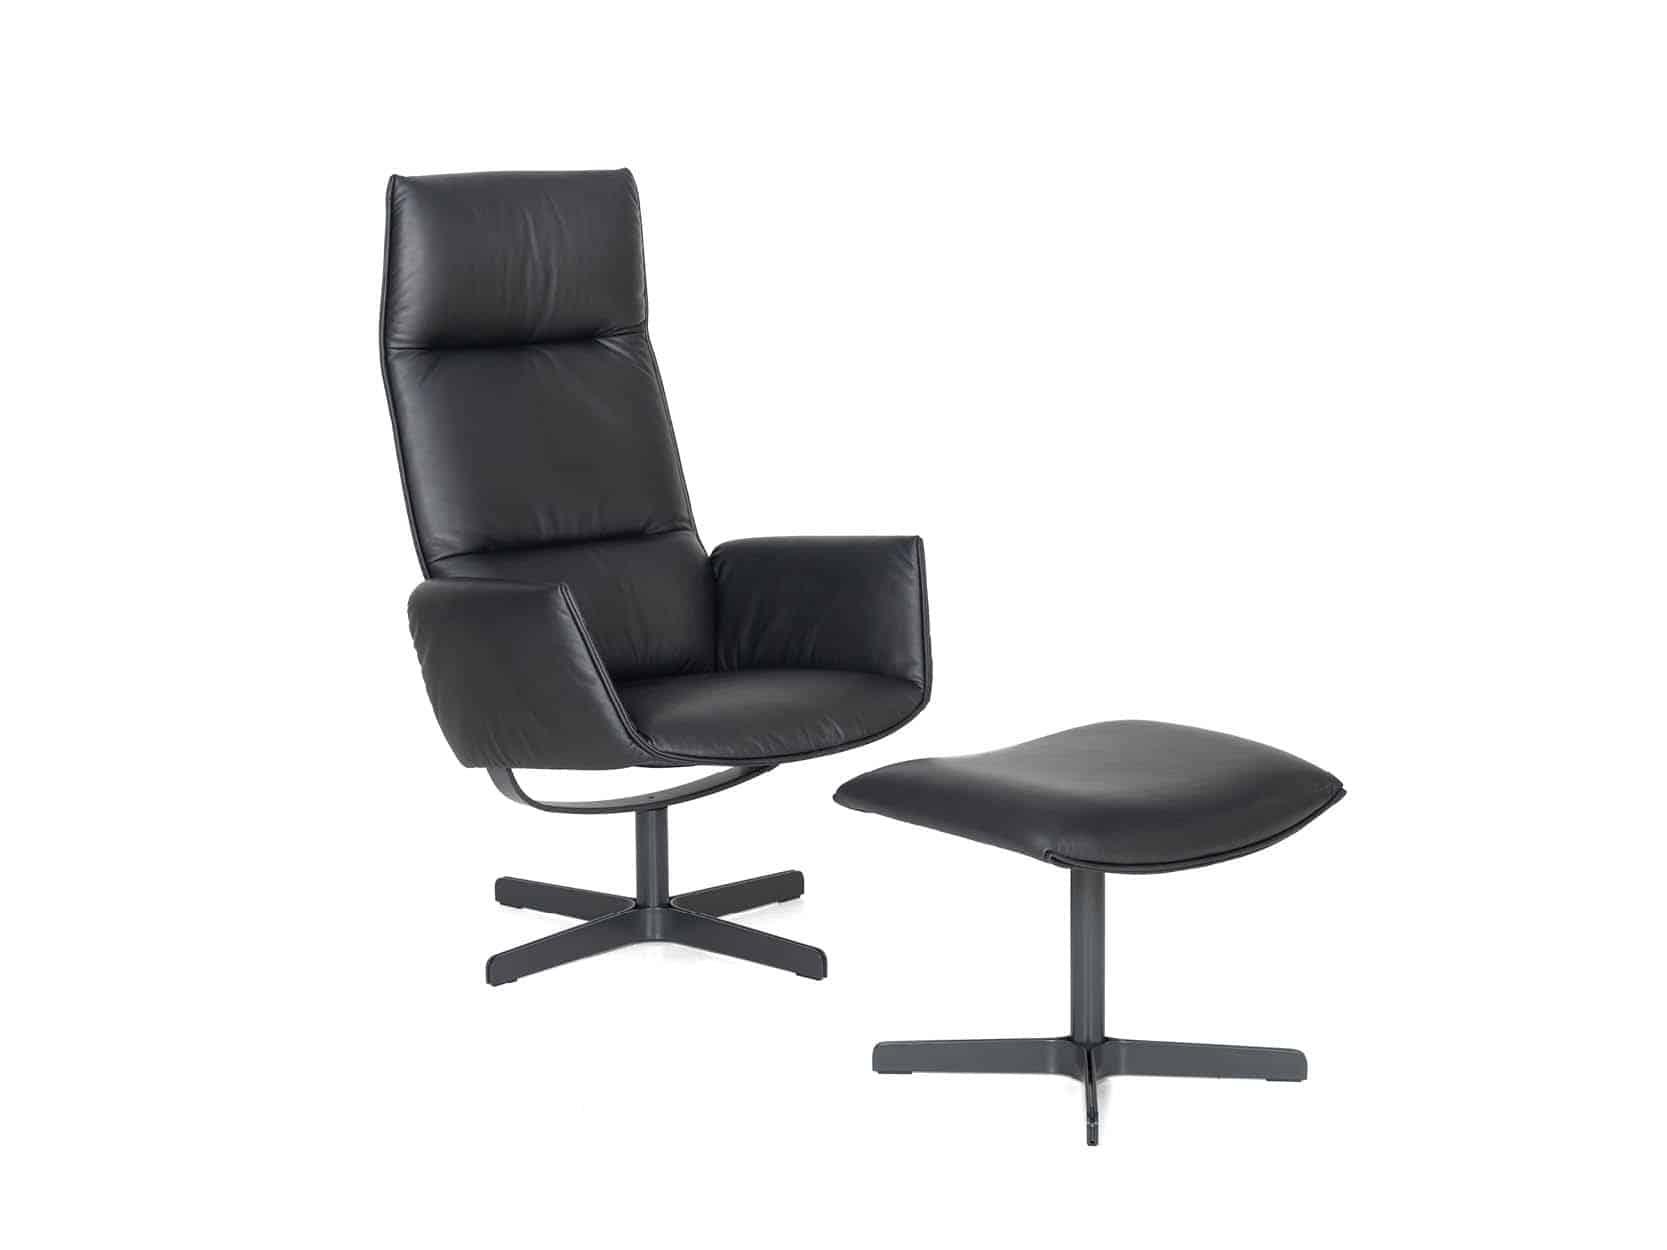 De Sede fauteuil DS-344 schuin